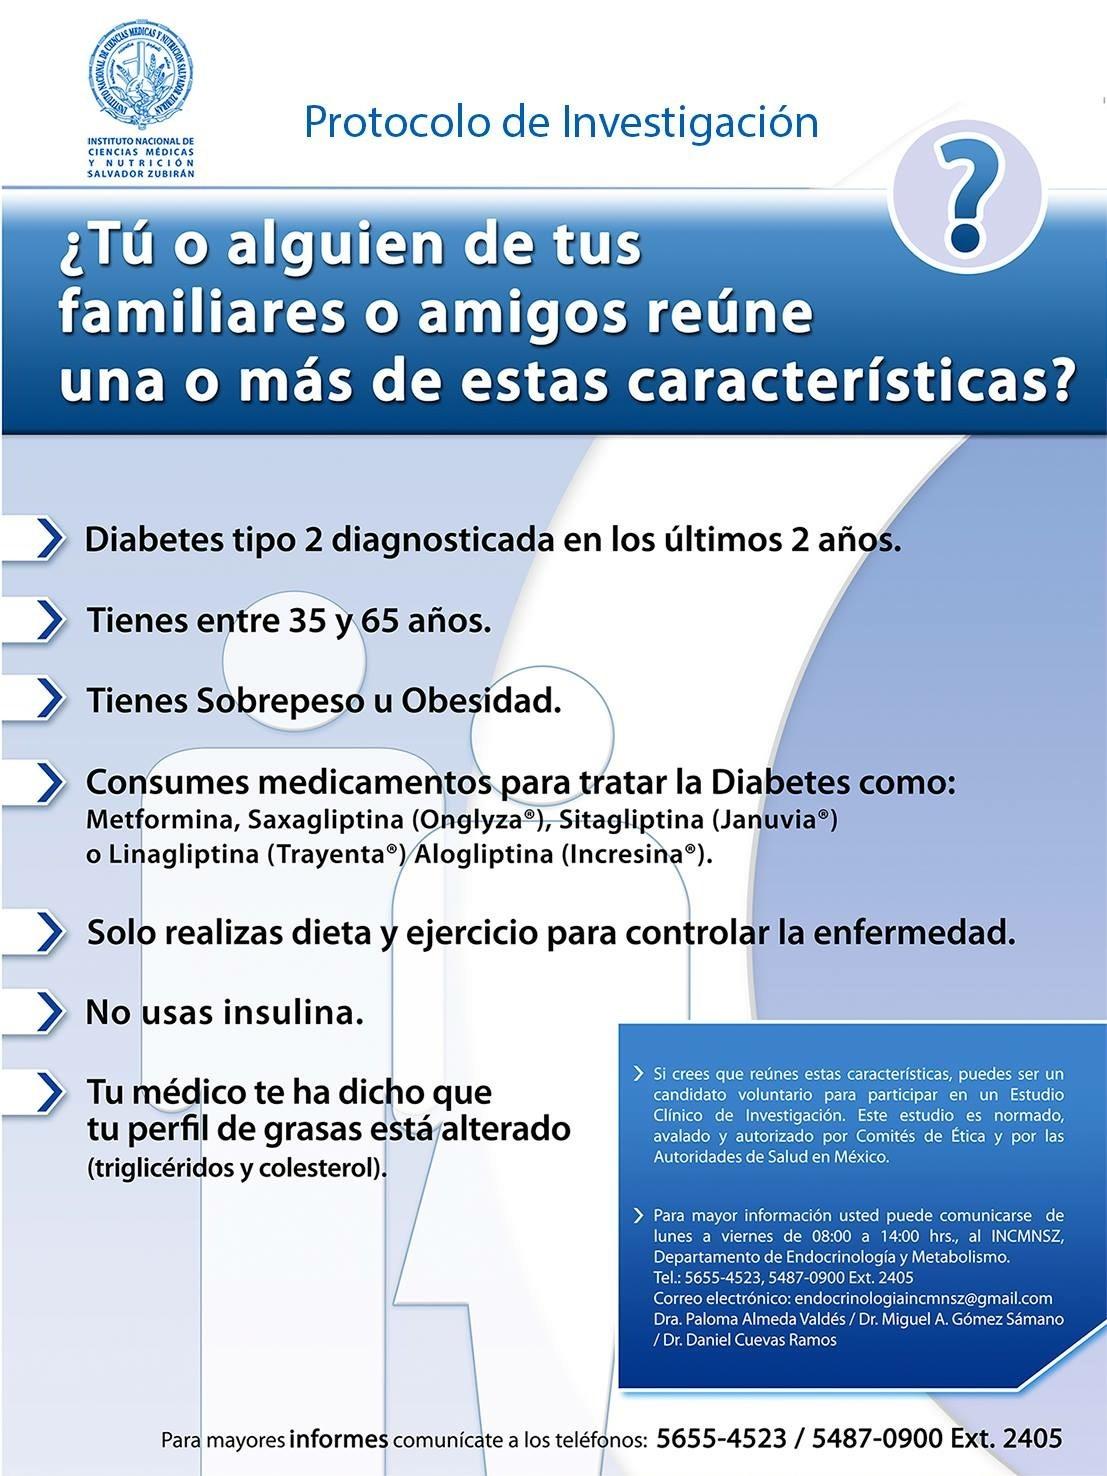 Protocolo de Investigación en diabetes